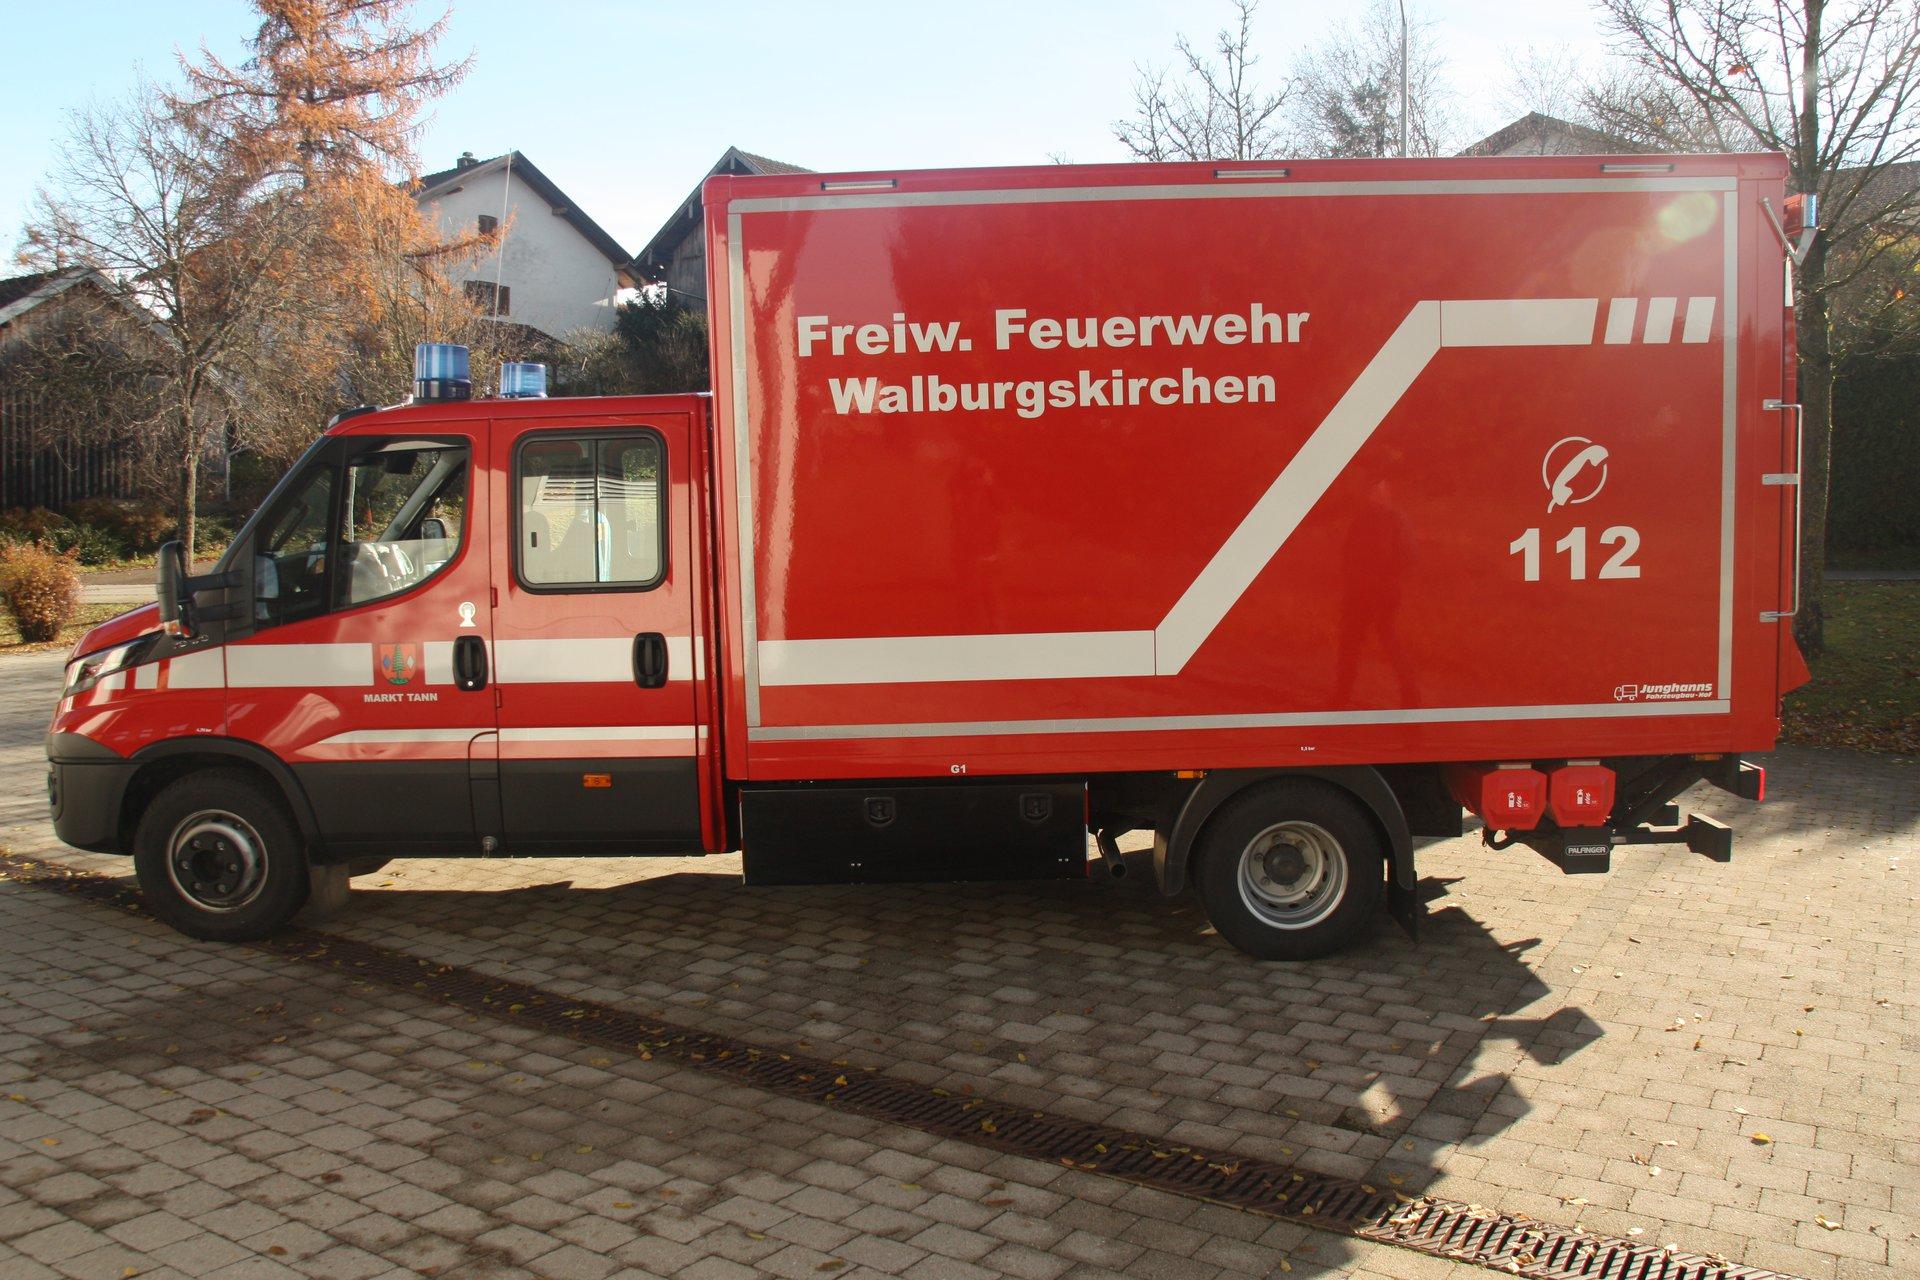 Freiwillige Feuerwehr Walburgskirchen - Fahrzeuge